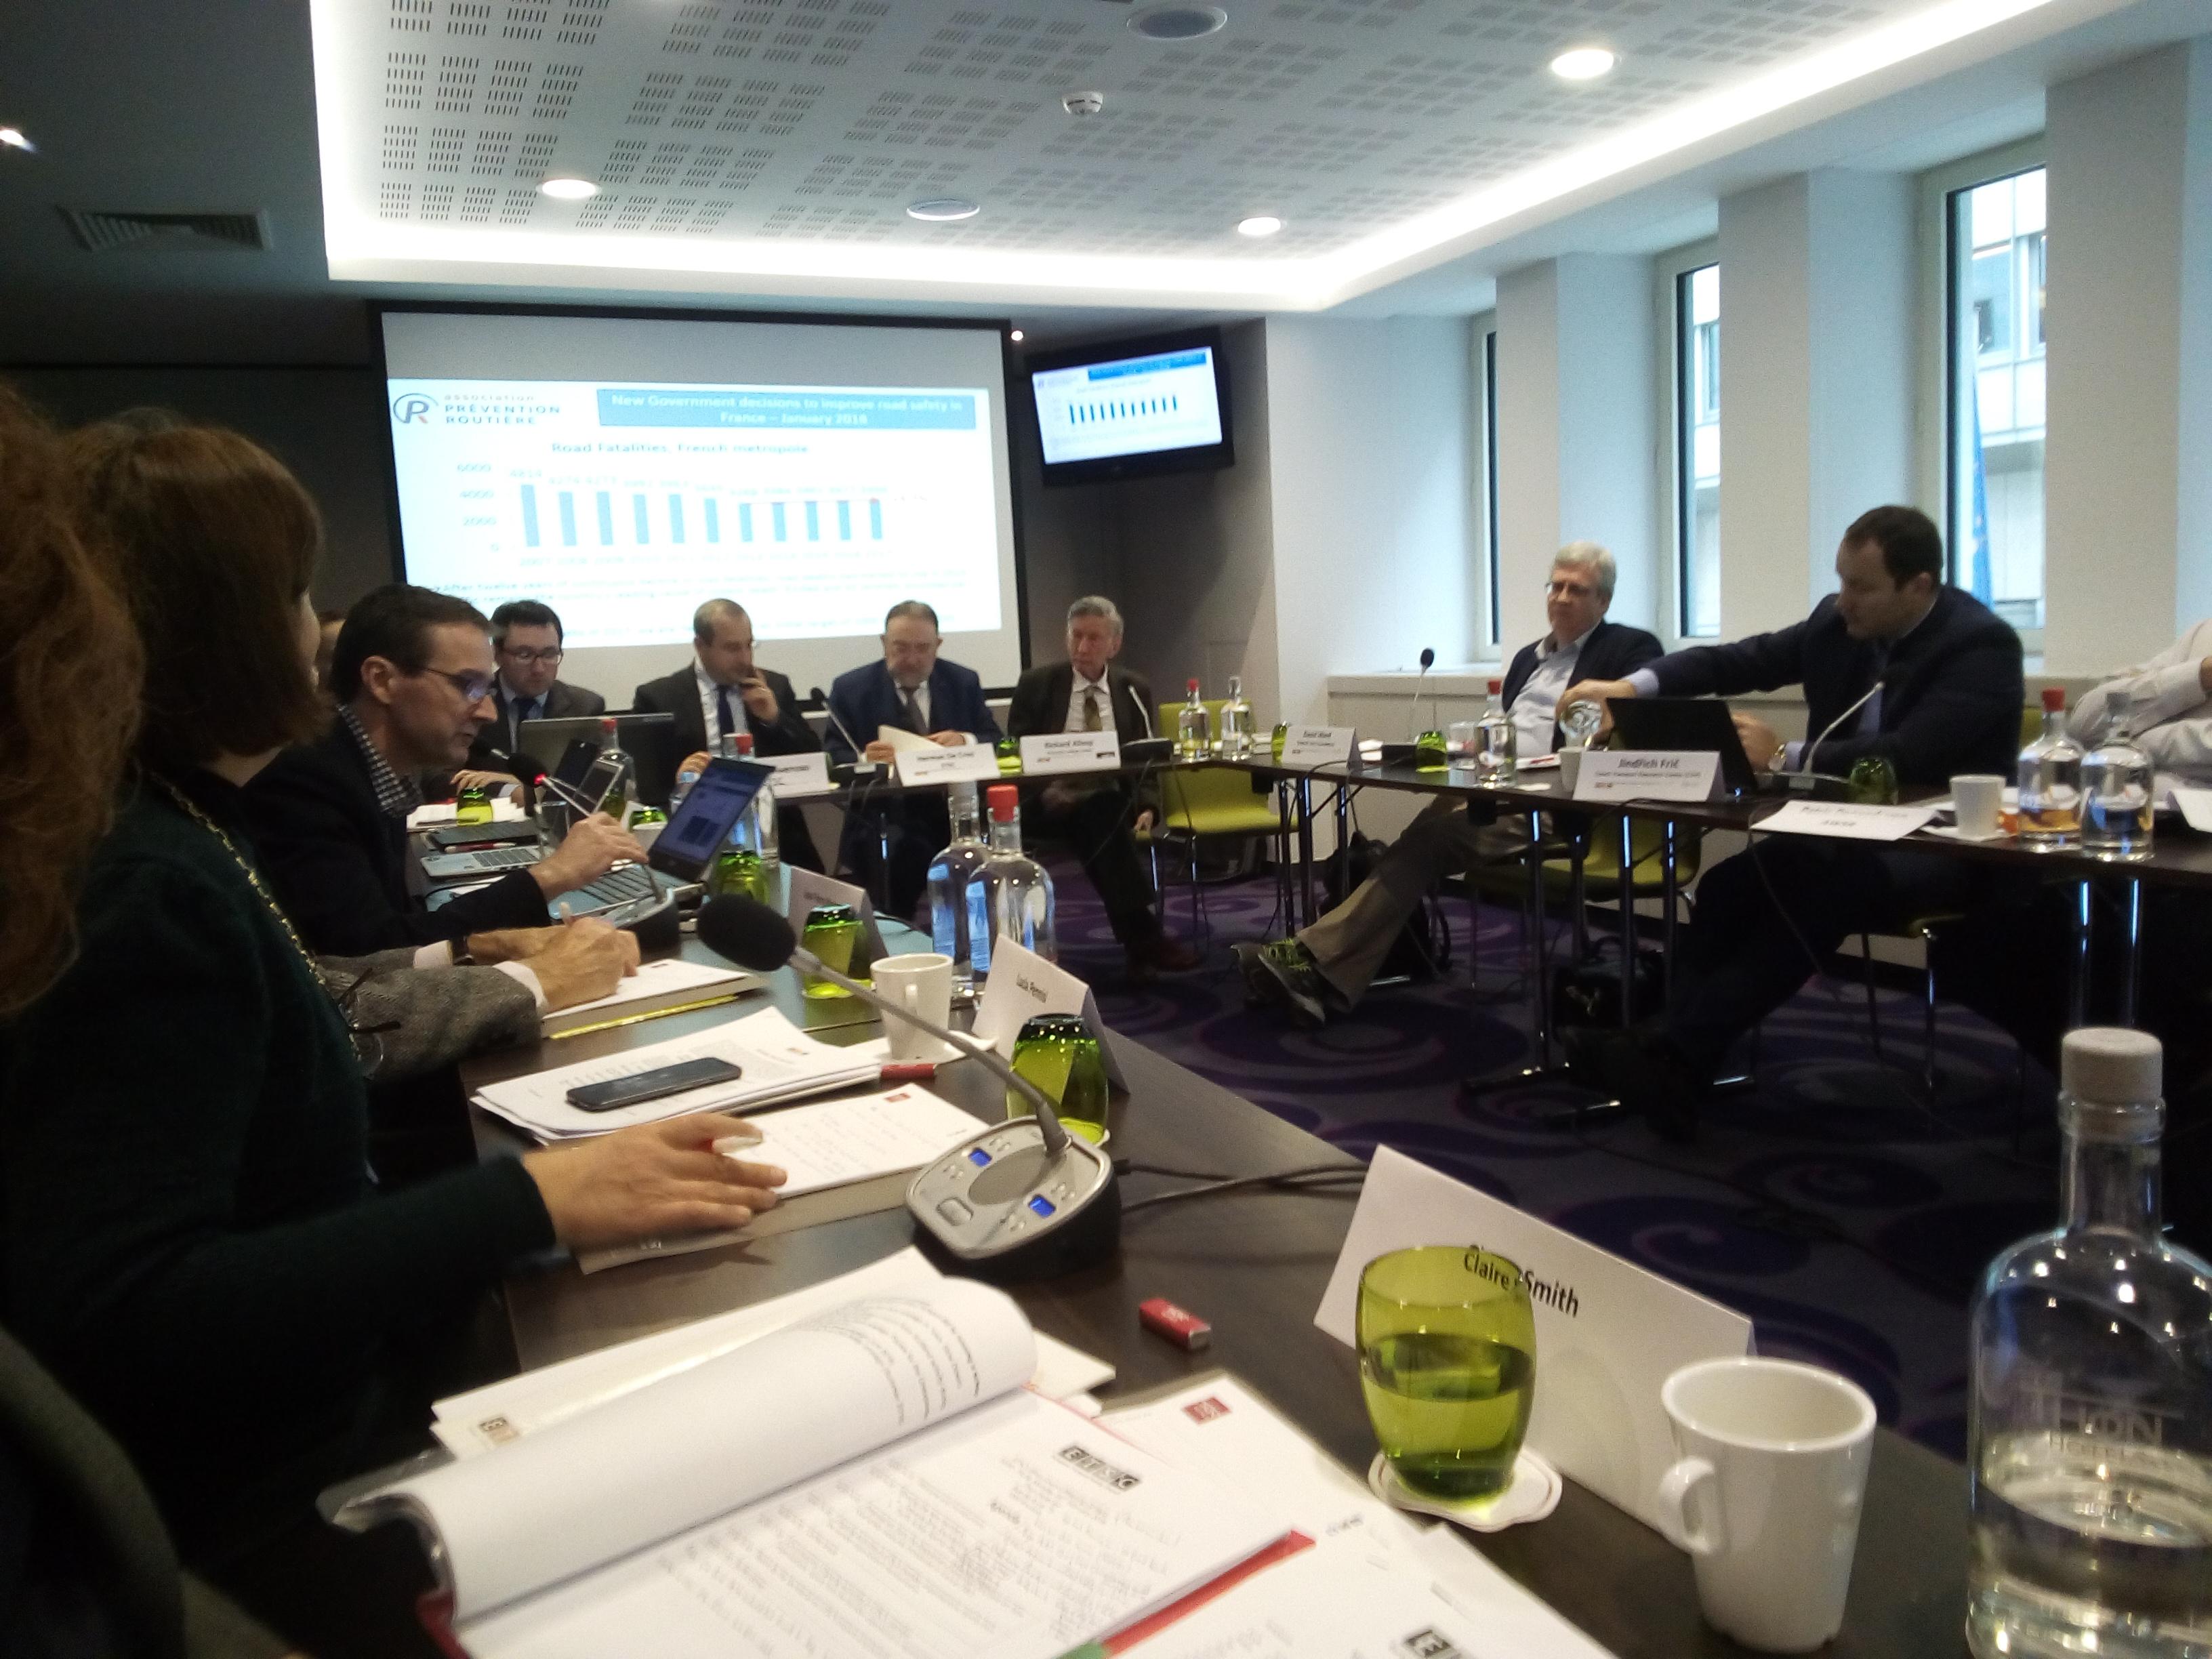 Агенција за безбједност саобраћаја је по први пут учествовала на сједници Главног вијећа Европског савјета за безбједност саобраћаја,